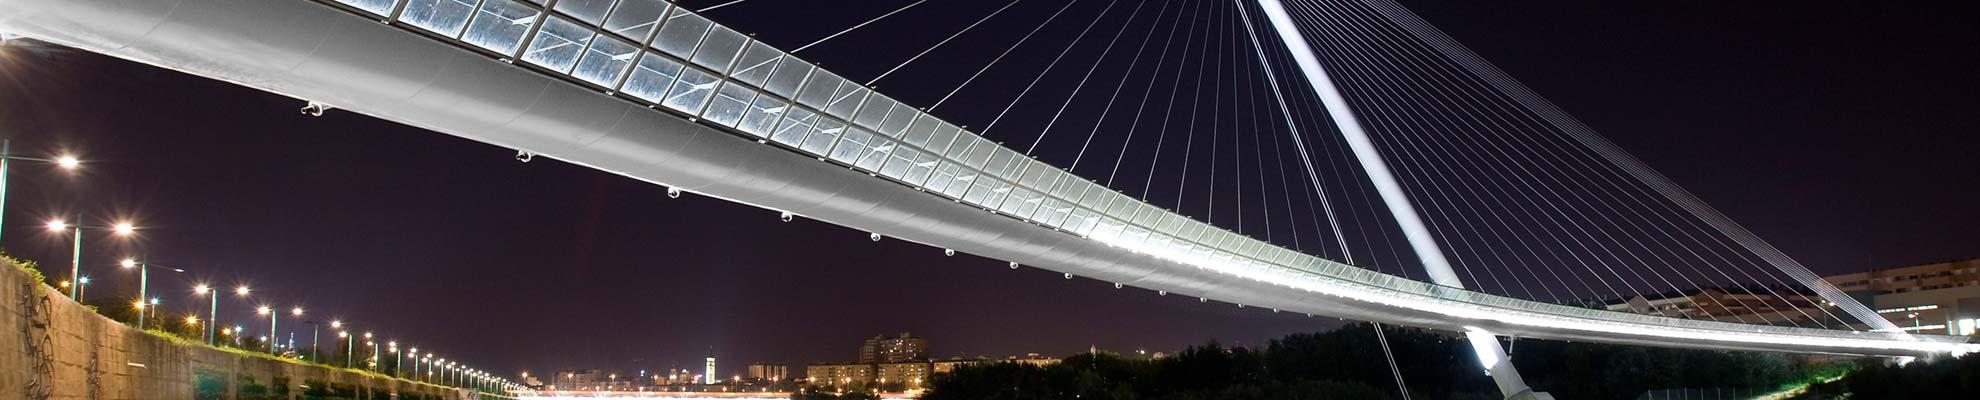 cercle-infraestructures_slider1